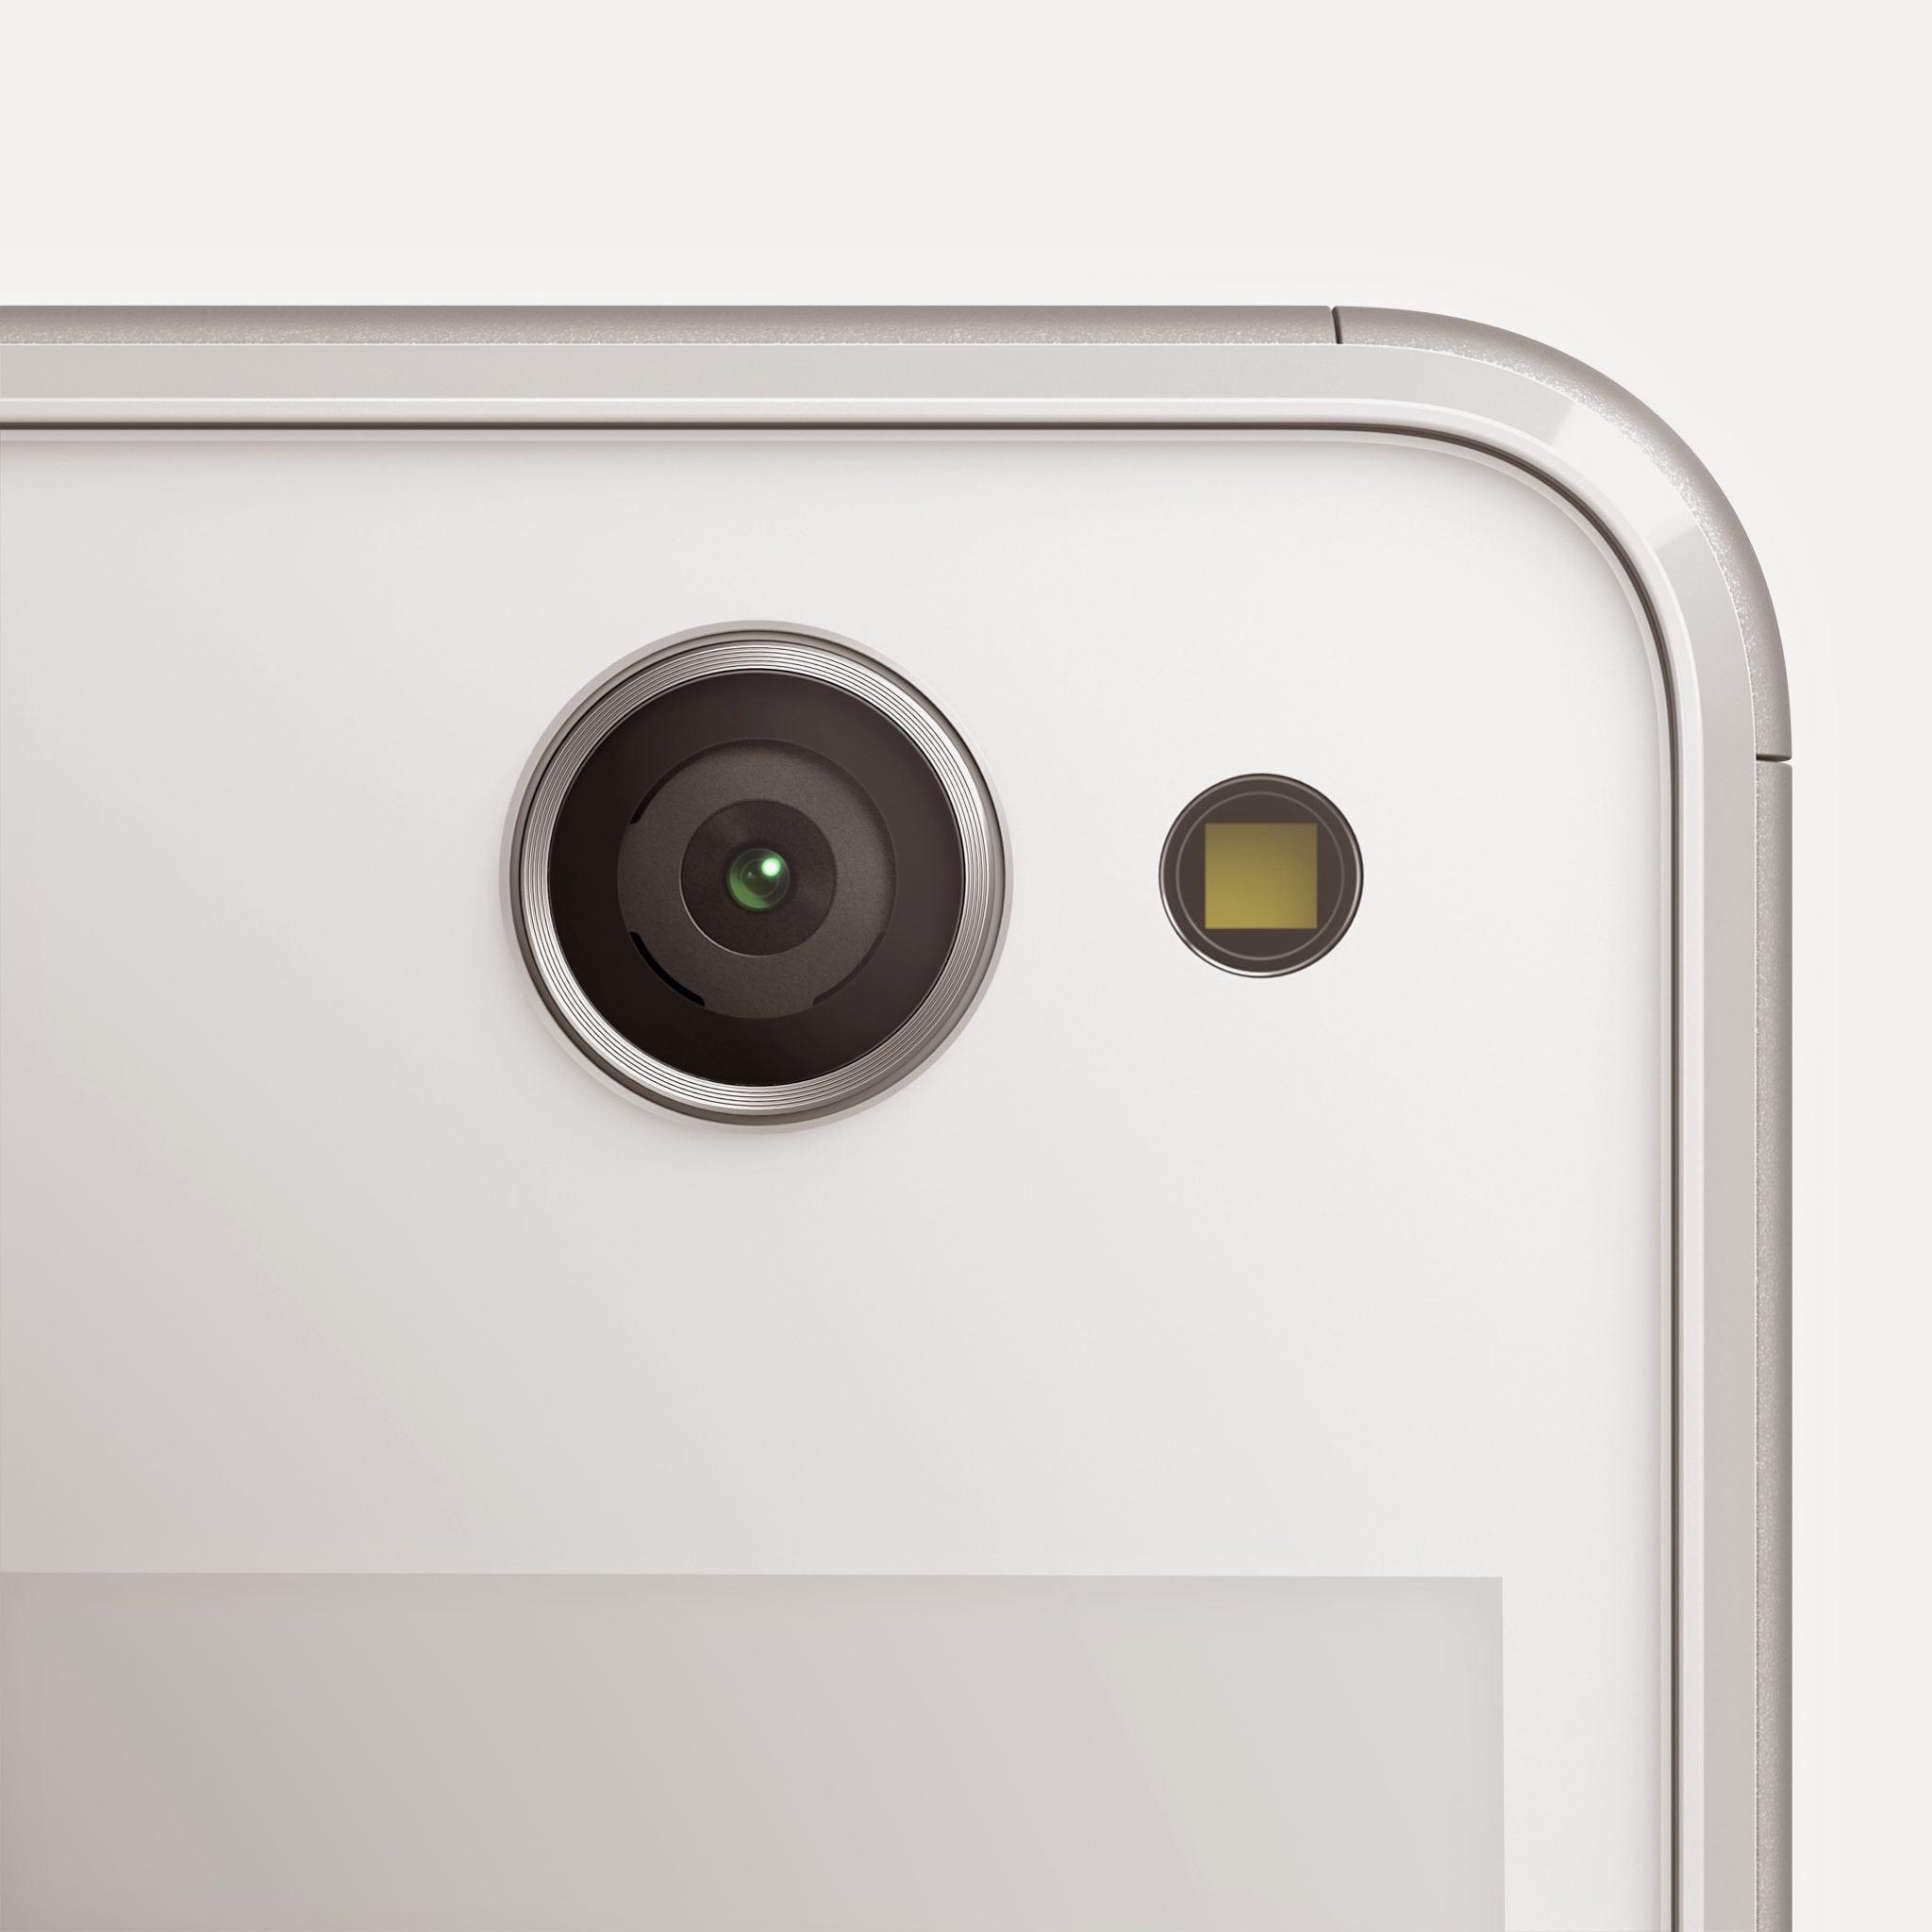 07_Xperia_C4_White_Camera